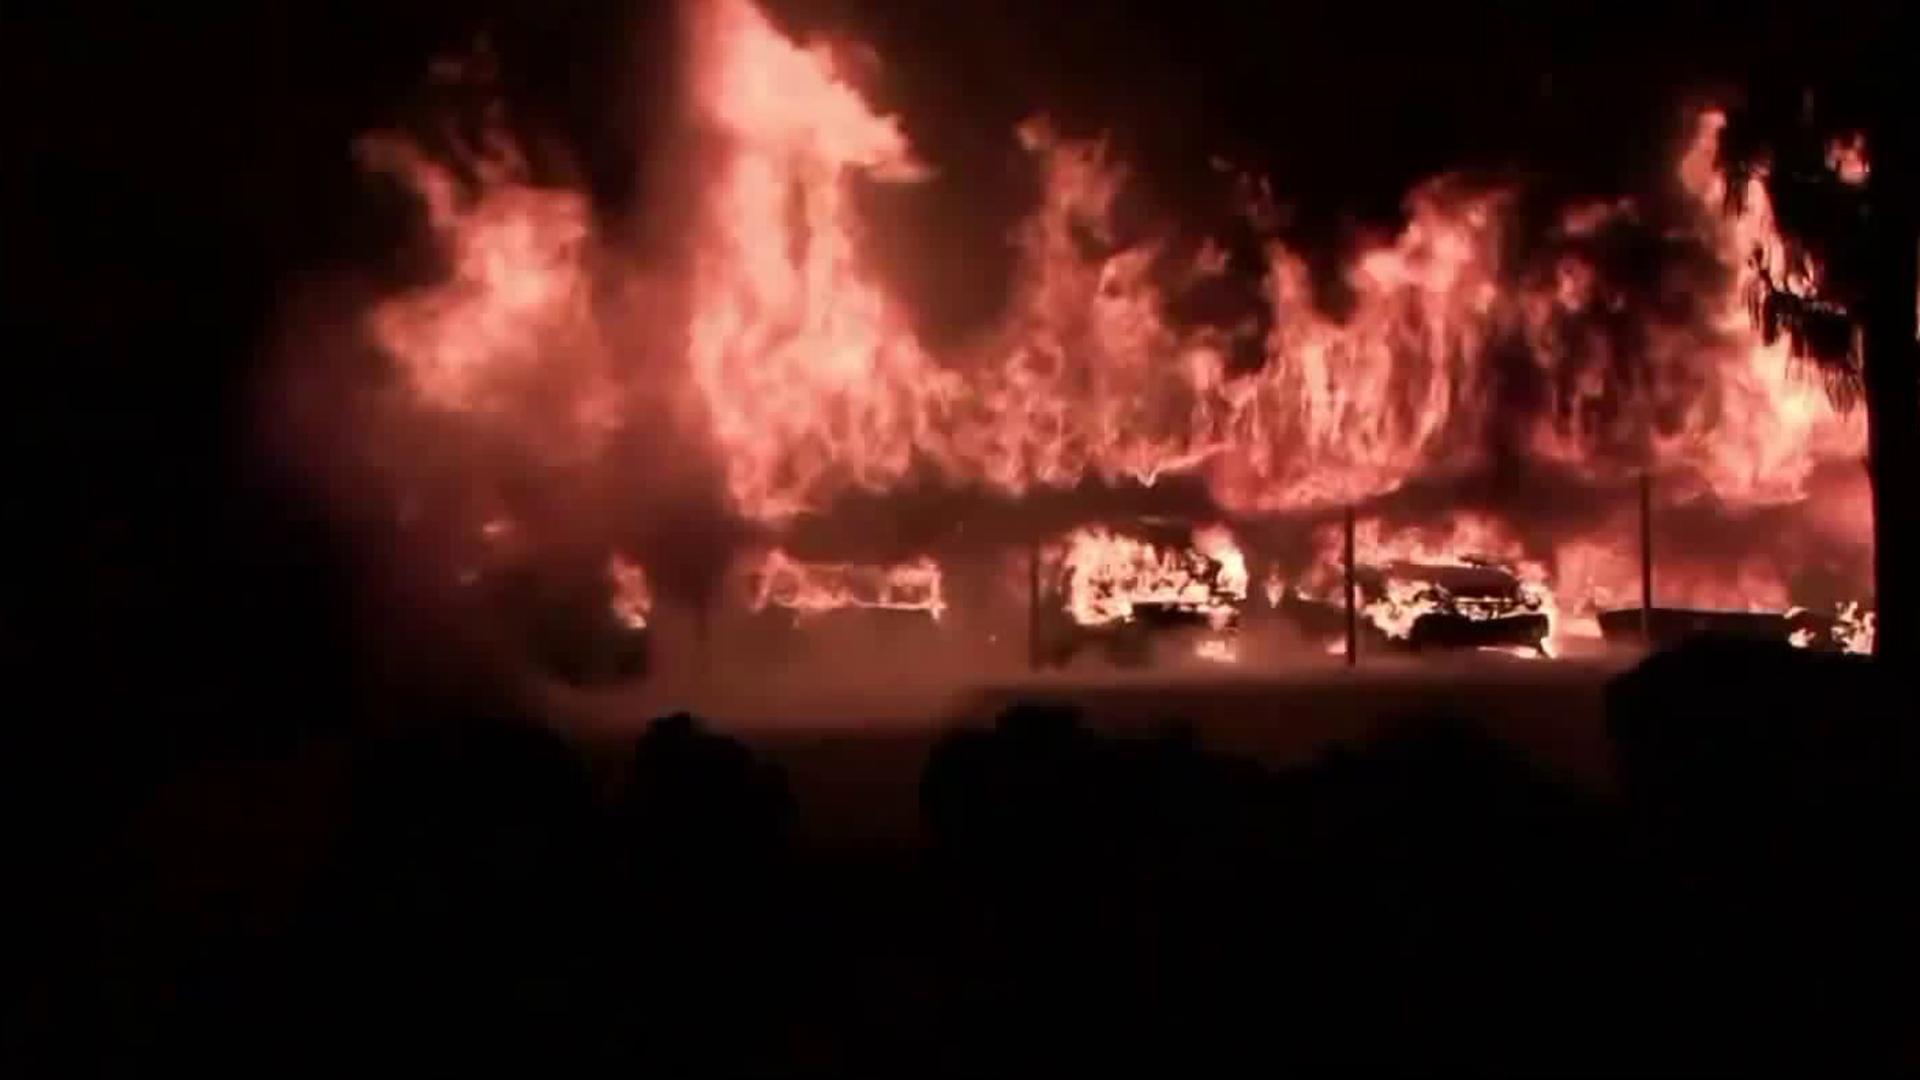 Vehicles burn in a massive carport fire in Hemet on June 15, 2018. (Credit: Hemet Valley Incidents)